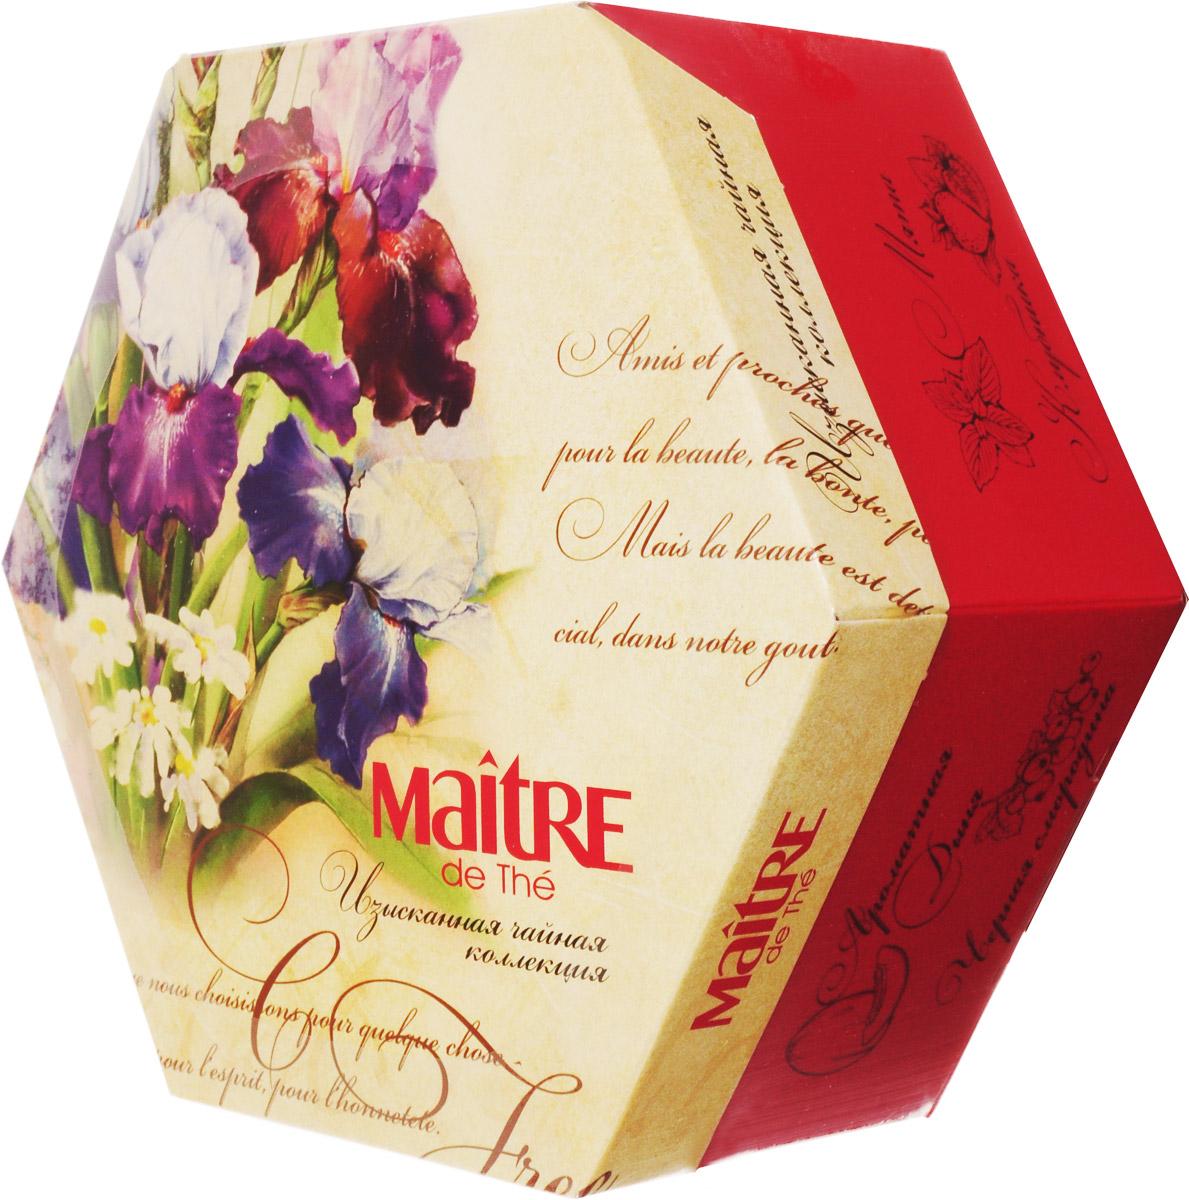 Maitre Изысканная чайная коллекция набор чая в пакетиках, 60 штбаж003_ирисыОригинальная картонная шестигранная упаковка с ярким весенним дизайном скрывает в себе Изысканную чайную коллекцию от Maitre de The. В состав набора входит пакетированный чай в металлизированных конвертах, 12 вкусов черного и зеленого чая из Регулярной коллекции:Зеленый чай: лотос и роза, жасмин, малина, клубника, лайм, мята;Черный чай: клубника со сливками, мятная ваниль, лимонный бурбон, ароматная дыня, бергамот, черная смородина.